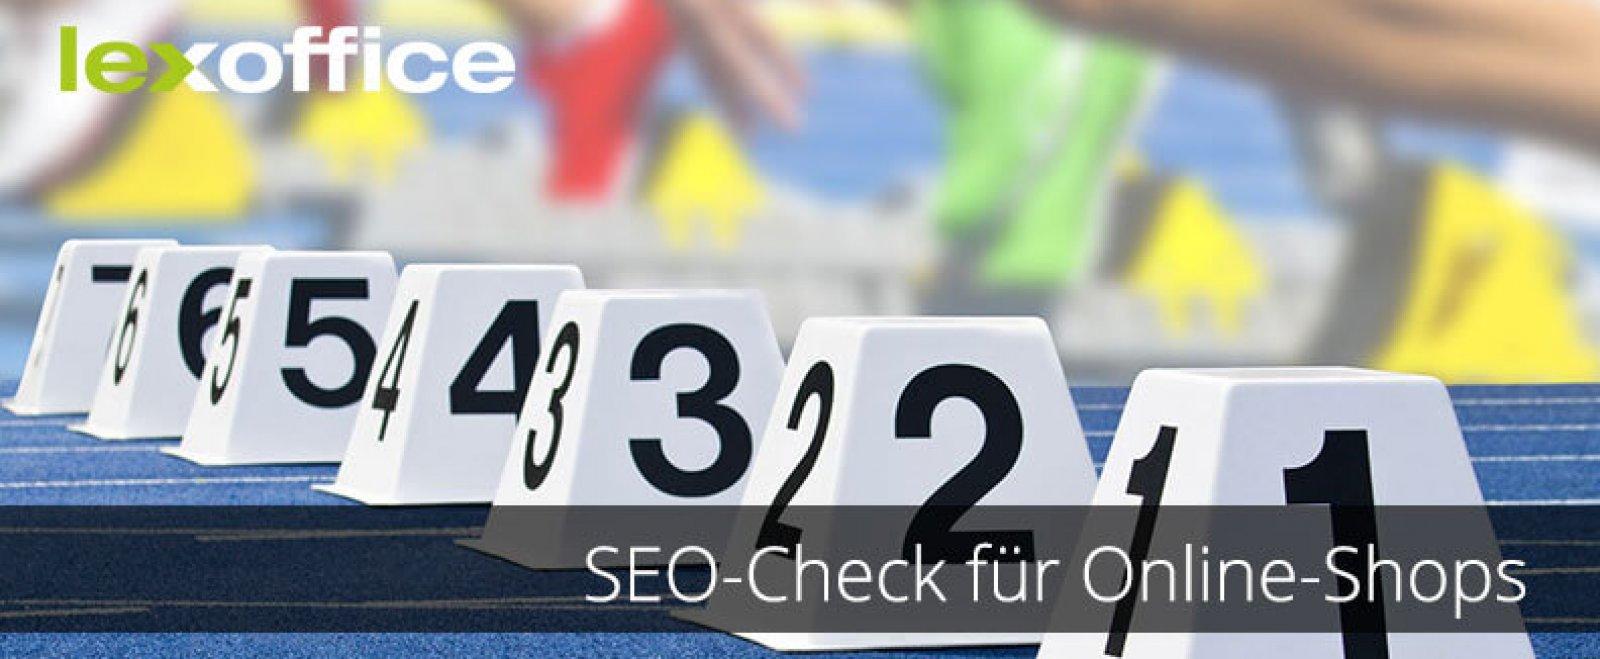 SEO-Check für Online-Shops